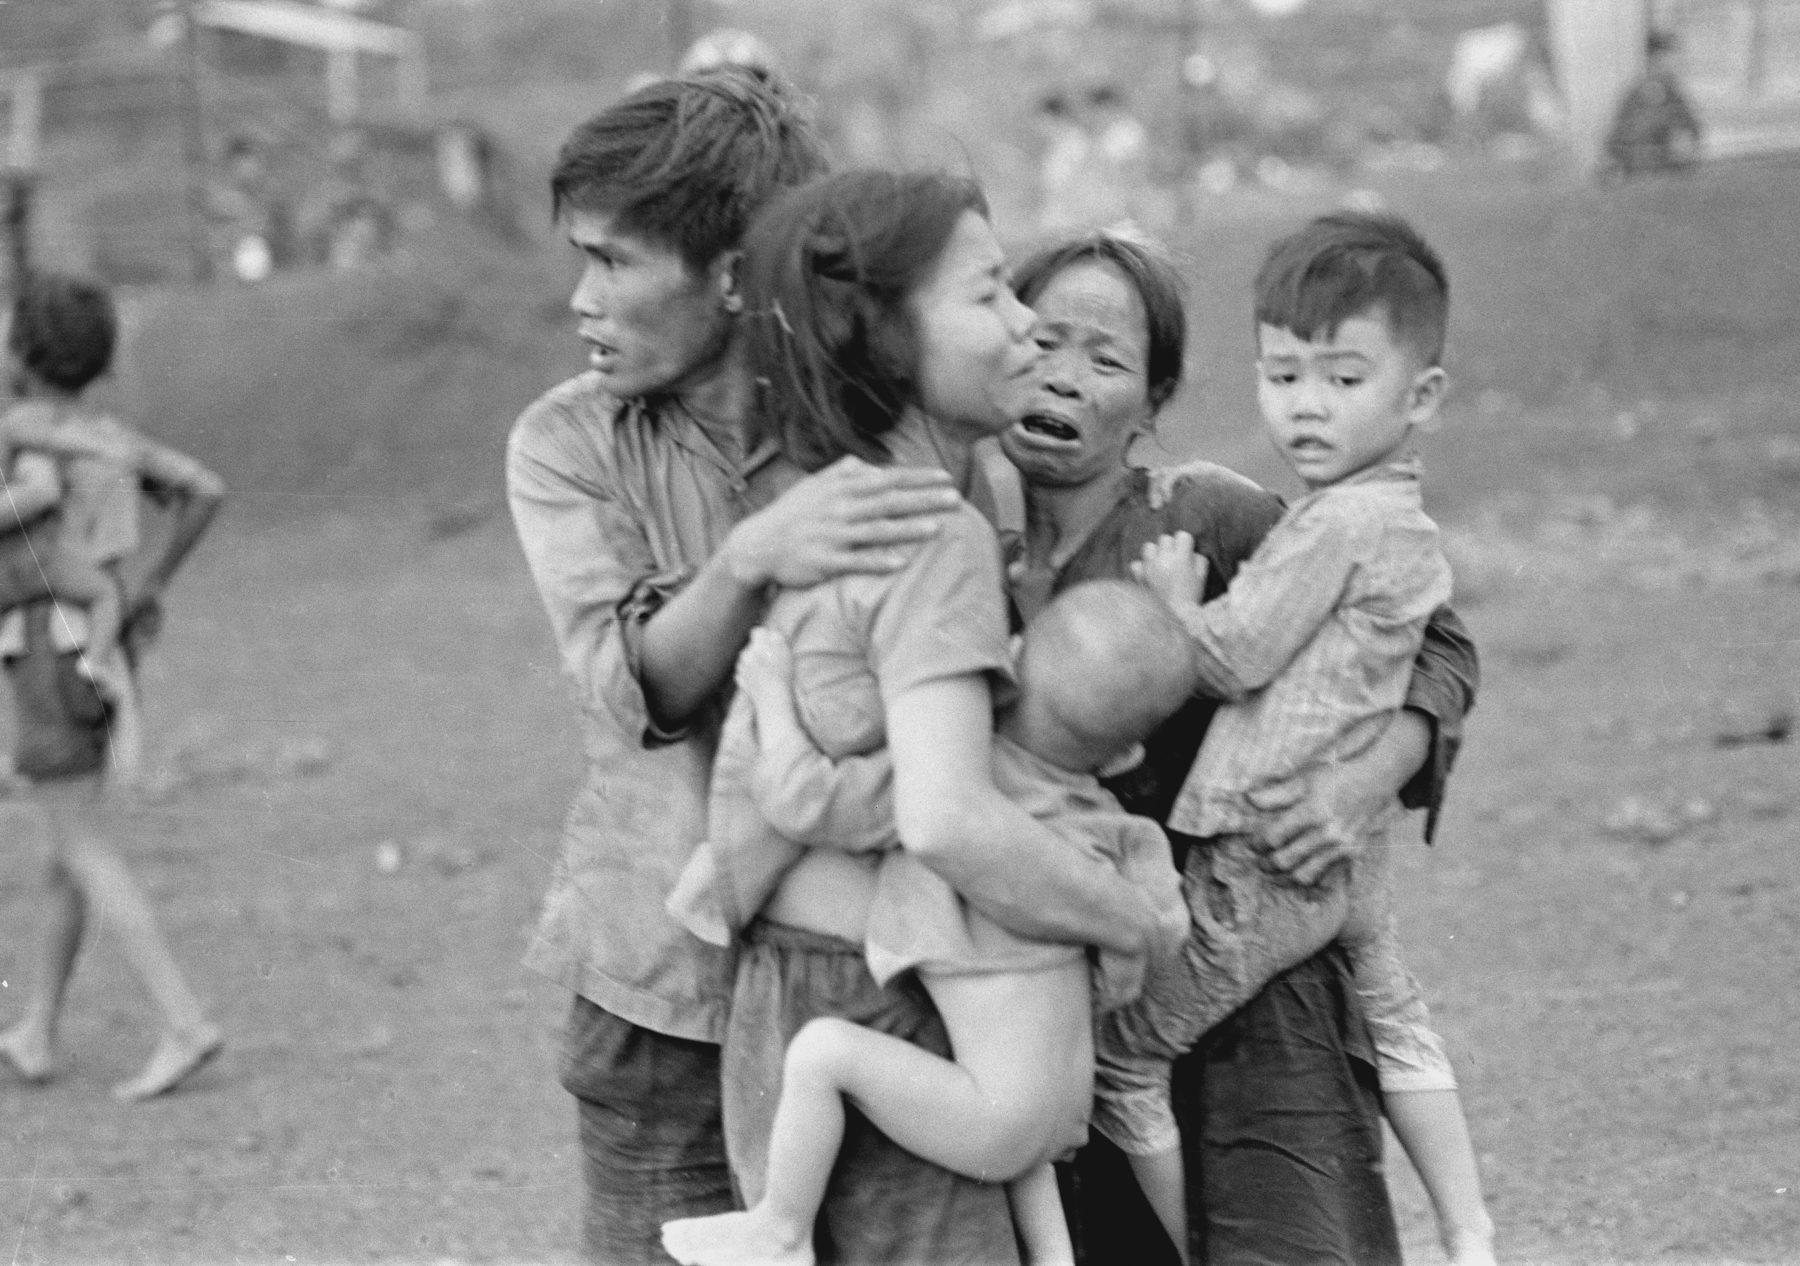 Naked vietnamese women vietnam war you tell